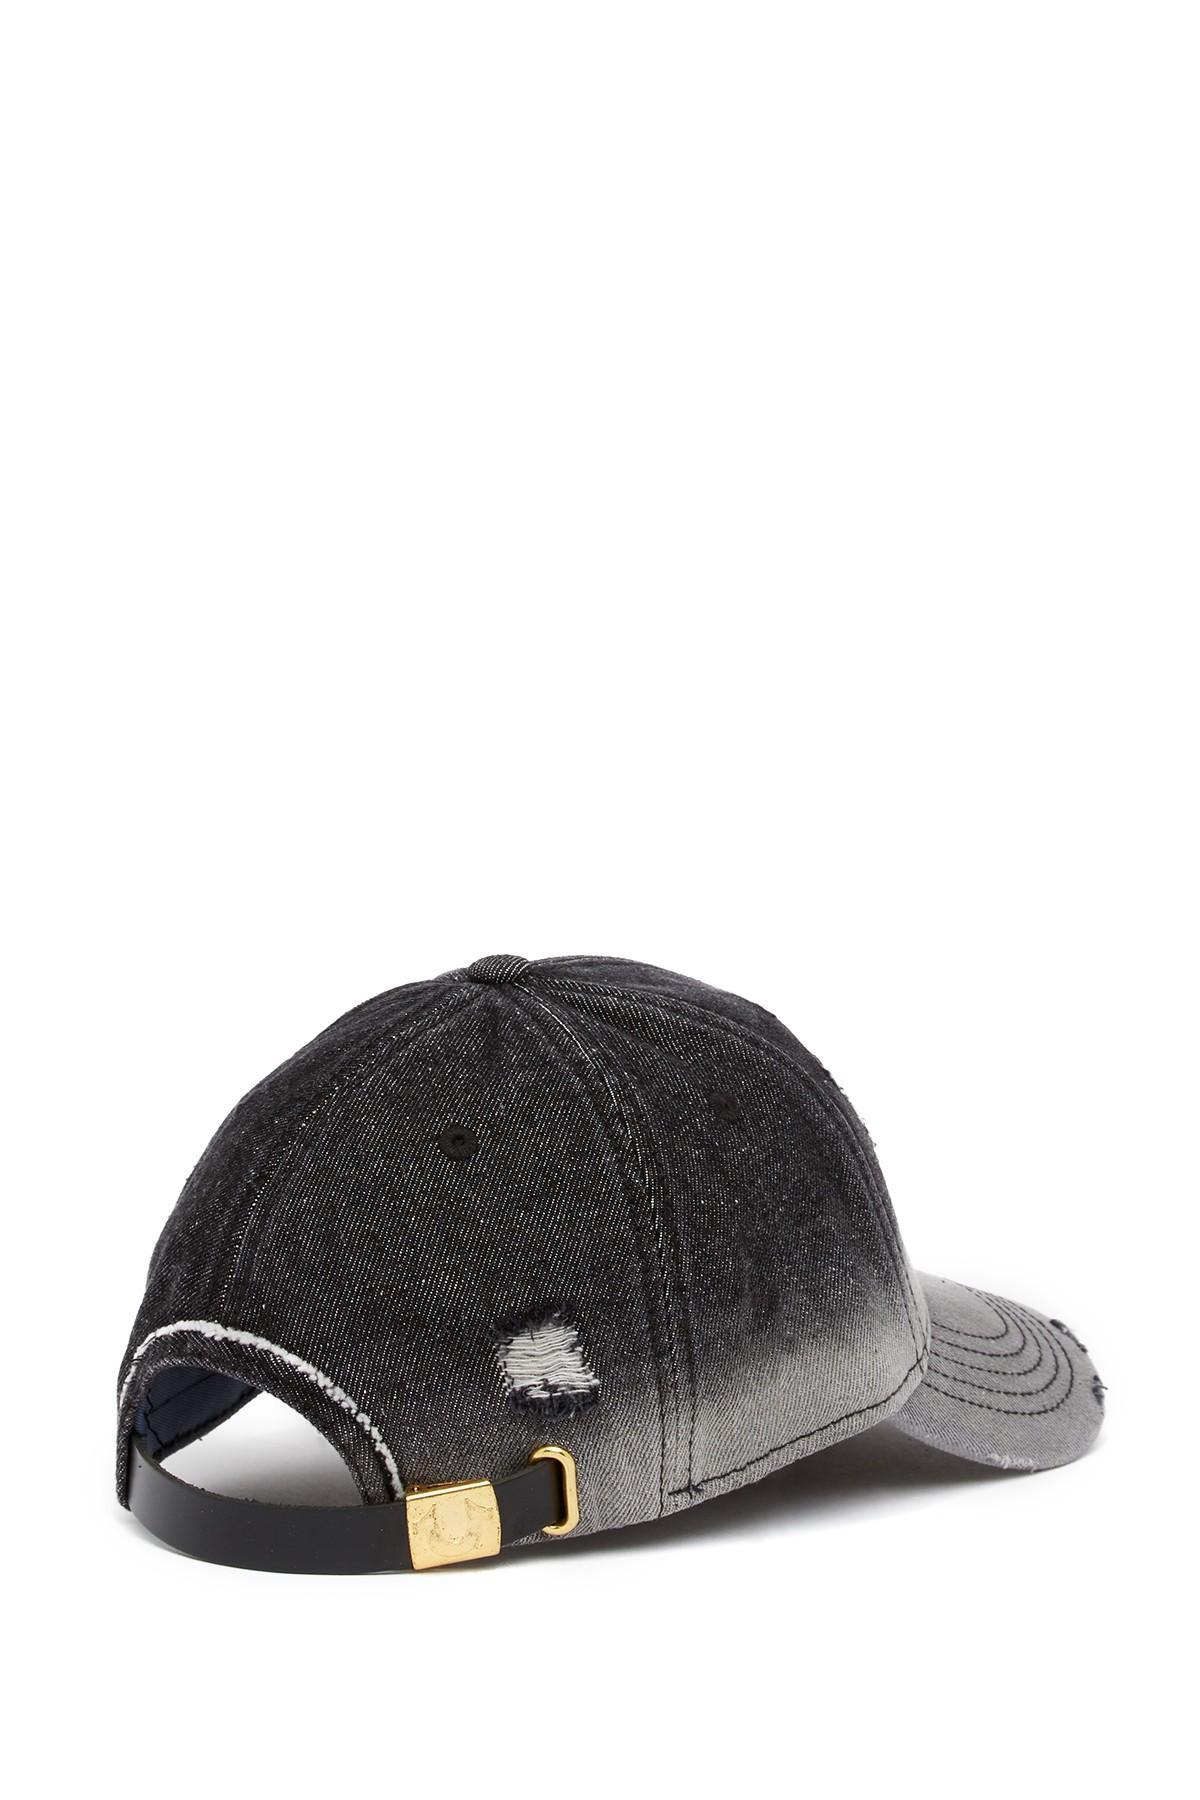 8bc90f29 True Religion Bleached Denim Baseball Cap in Black for Men - Lyst